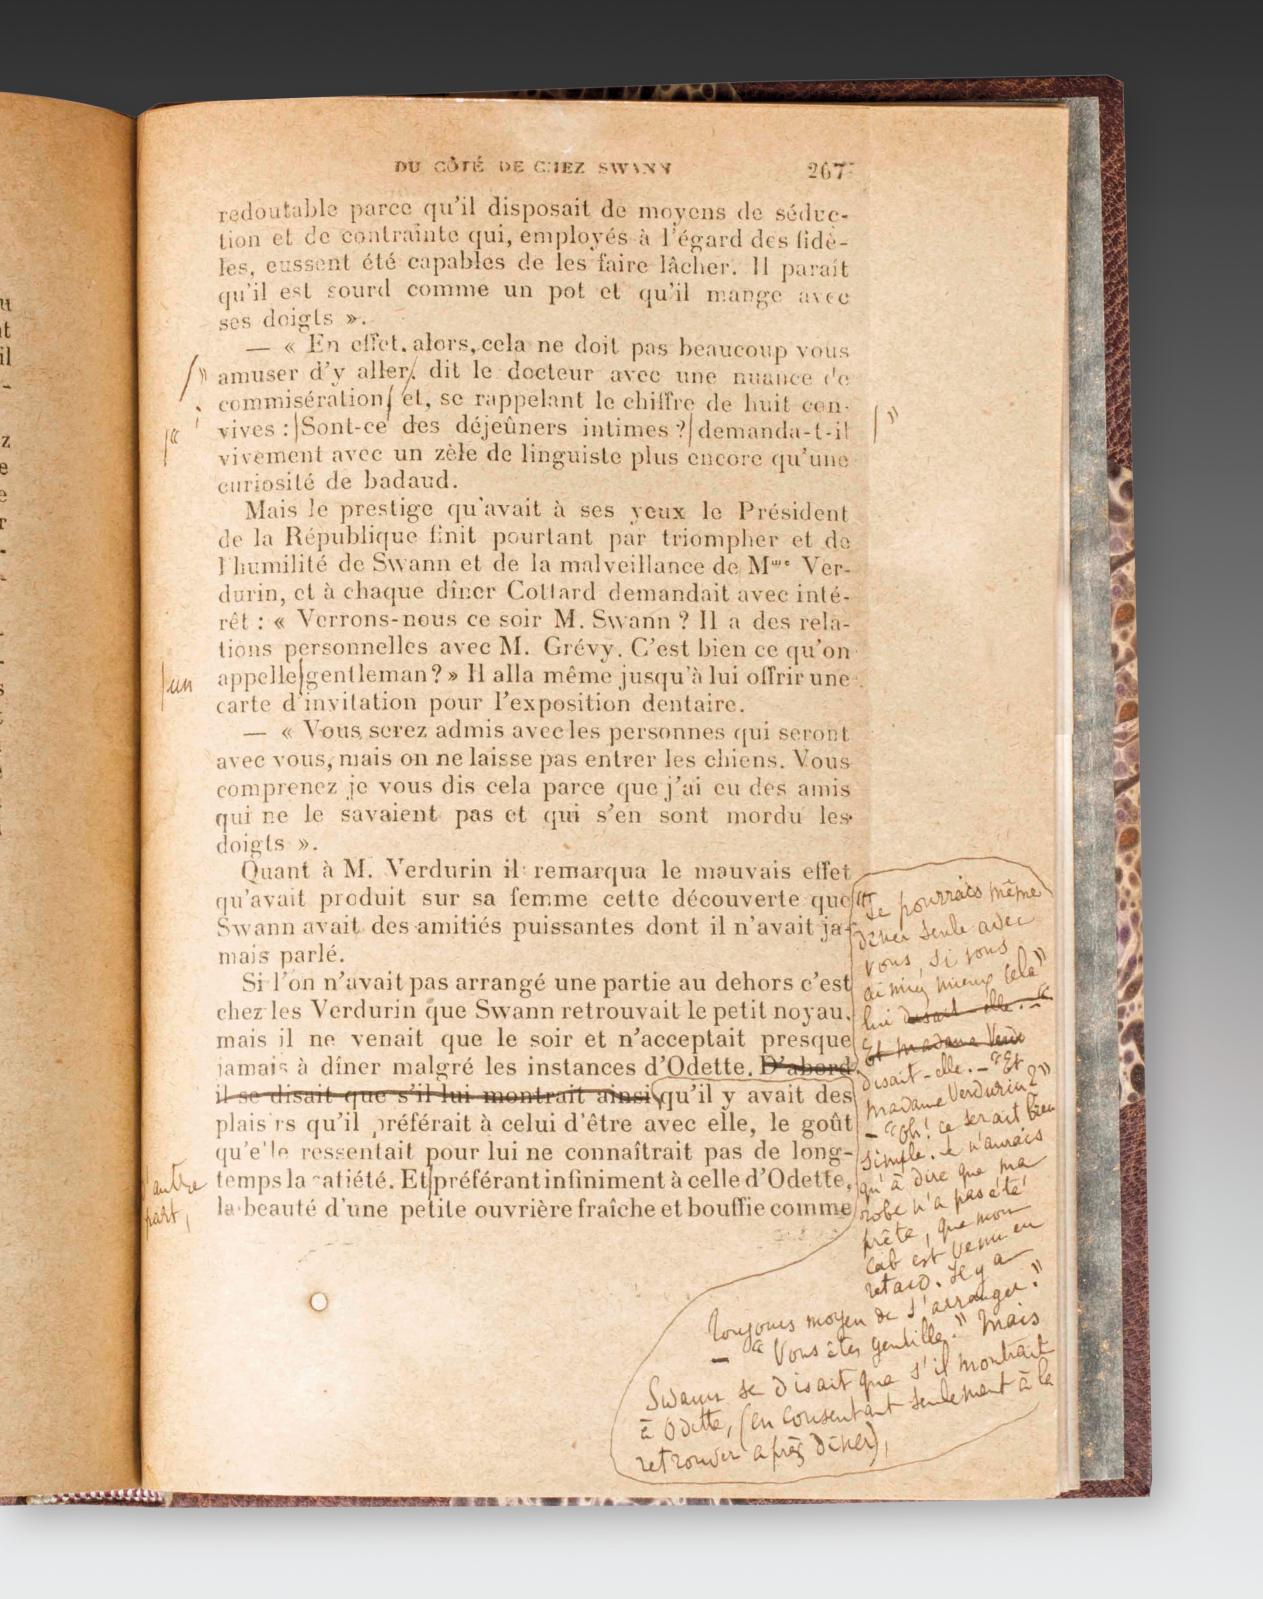 Marcel Proust, jeu d'épreuves complet de Du côté de chez Swann (extrait). Librairie Vignes.